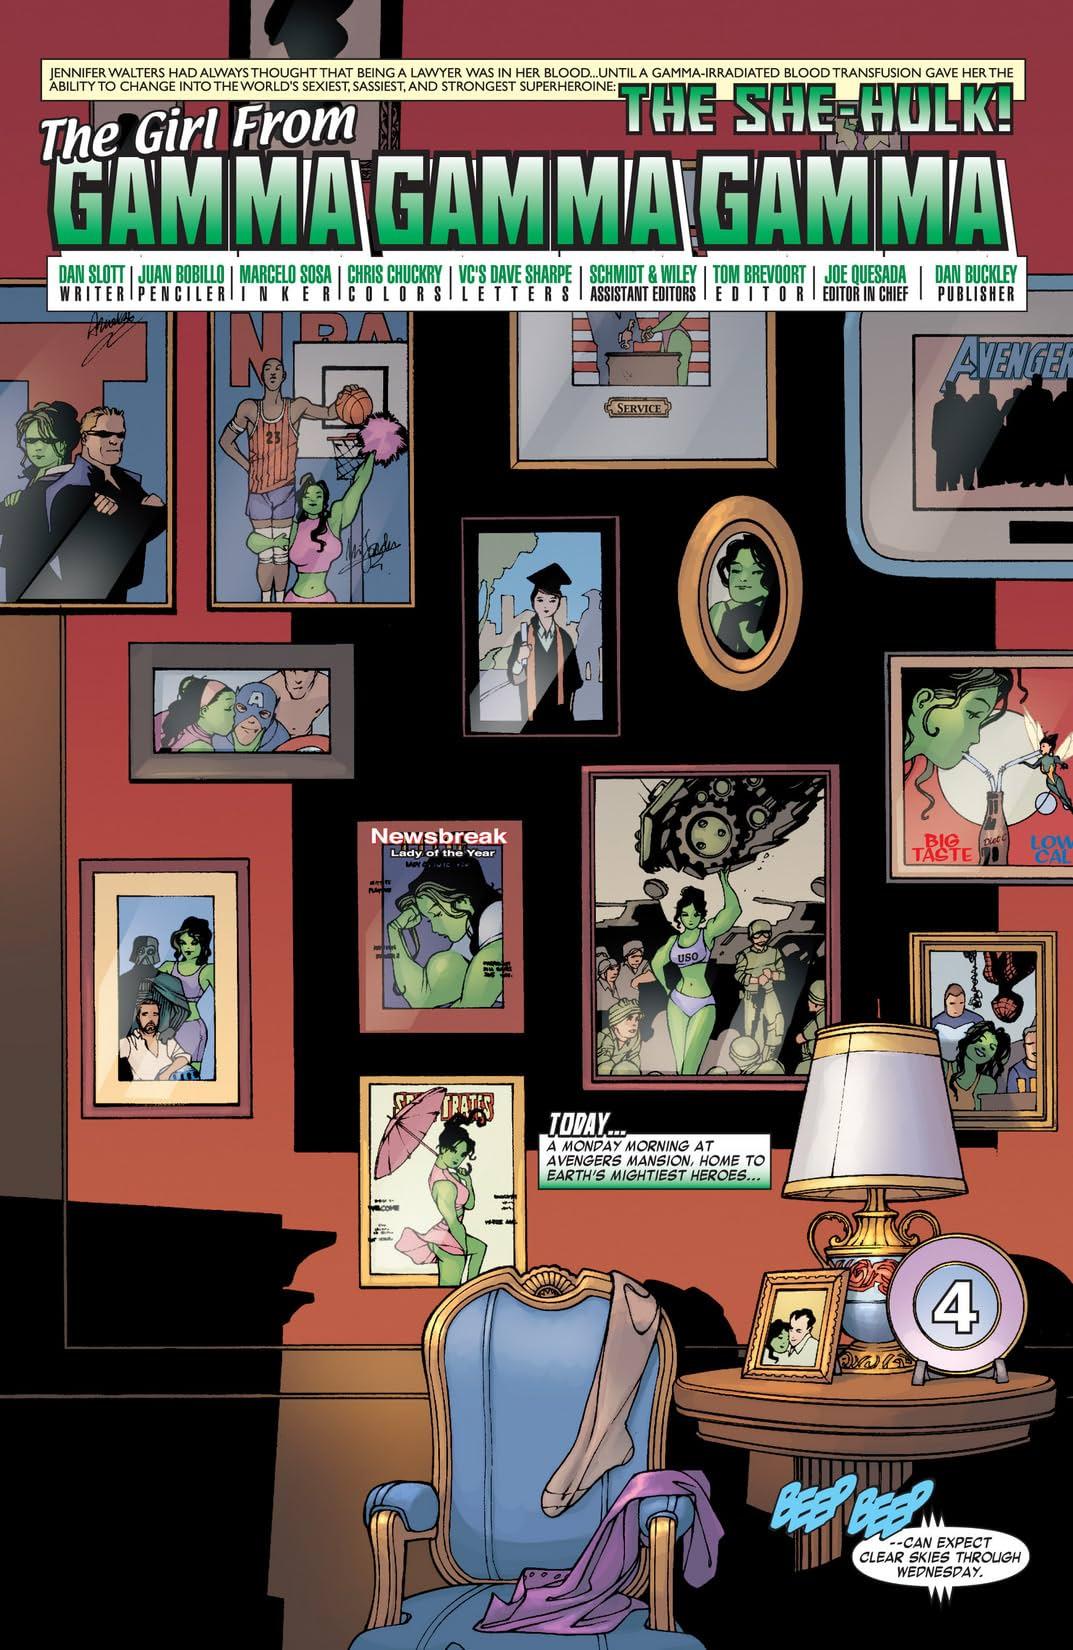 She-Hulk (2004-2005) #1